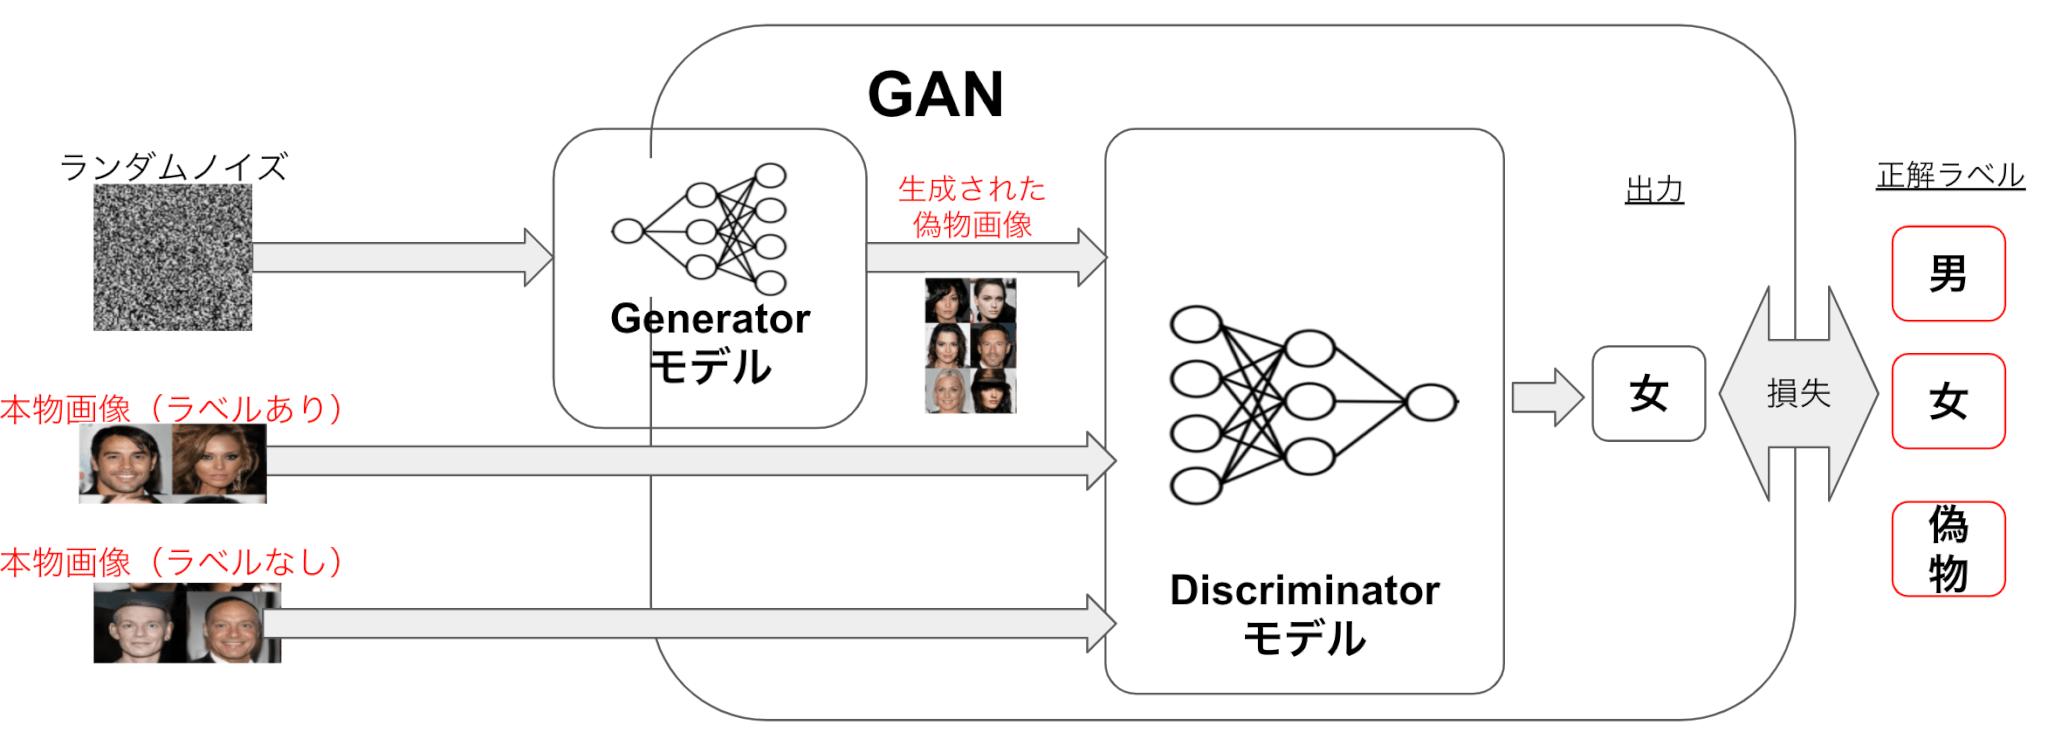 GANを用いた半教師あり学習 GANを用いた手法として半教師ありGANというものがある。半教師あり学習とは、教師あり学習において教師ラベルがつけられていないデータも学習に用いる手法であり、教師ラベルをつけるのにコストが大きい際に有効な手法となる。  以下の図は半教師ありGANの仕組みを示す。Gは前述と同様だが、Dには本物画像のラベルありなし両方のデータを用いて 本物画像に関しては画像分類(男か女か)タスク 偽物画像に関しては本物画像と見分けるタスク を解かせ学習させる。それによりラベルなし画像をDの学習に活かすことができ、Dの画像分類性能を従来より向上させることが可能となる。